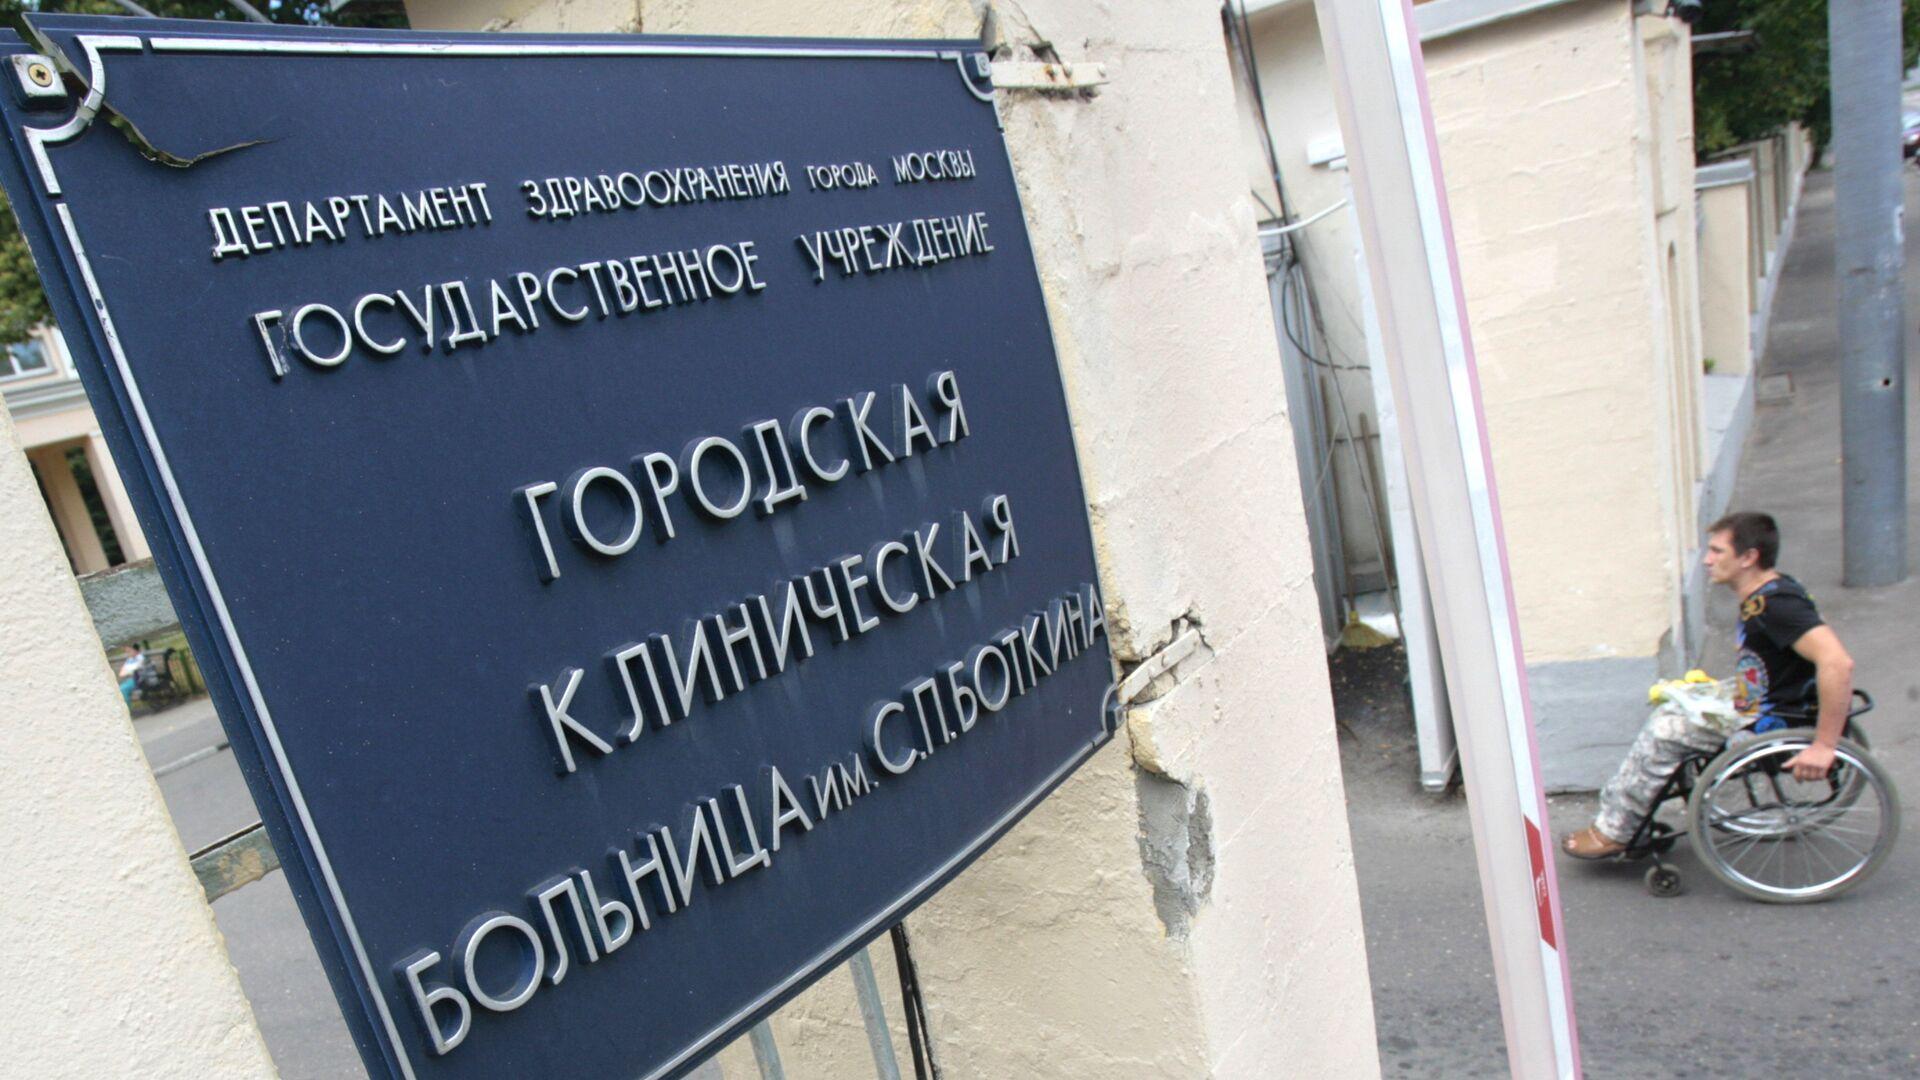 Московская городская клиническая больница имени С.П. Боткина - РИА Новости, 1920, 24.06.2021